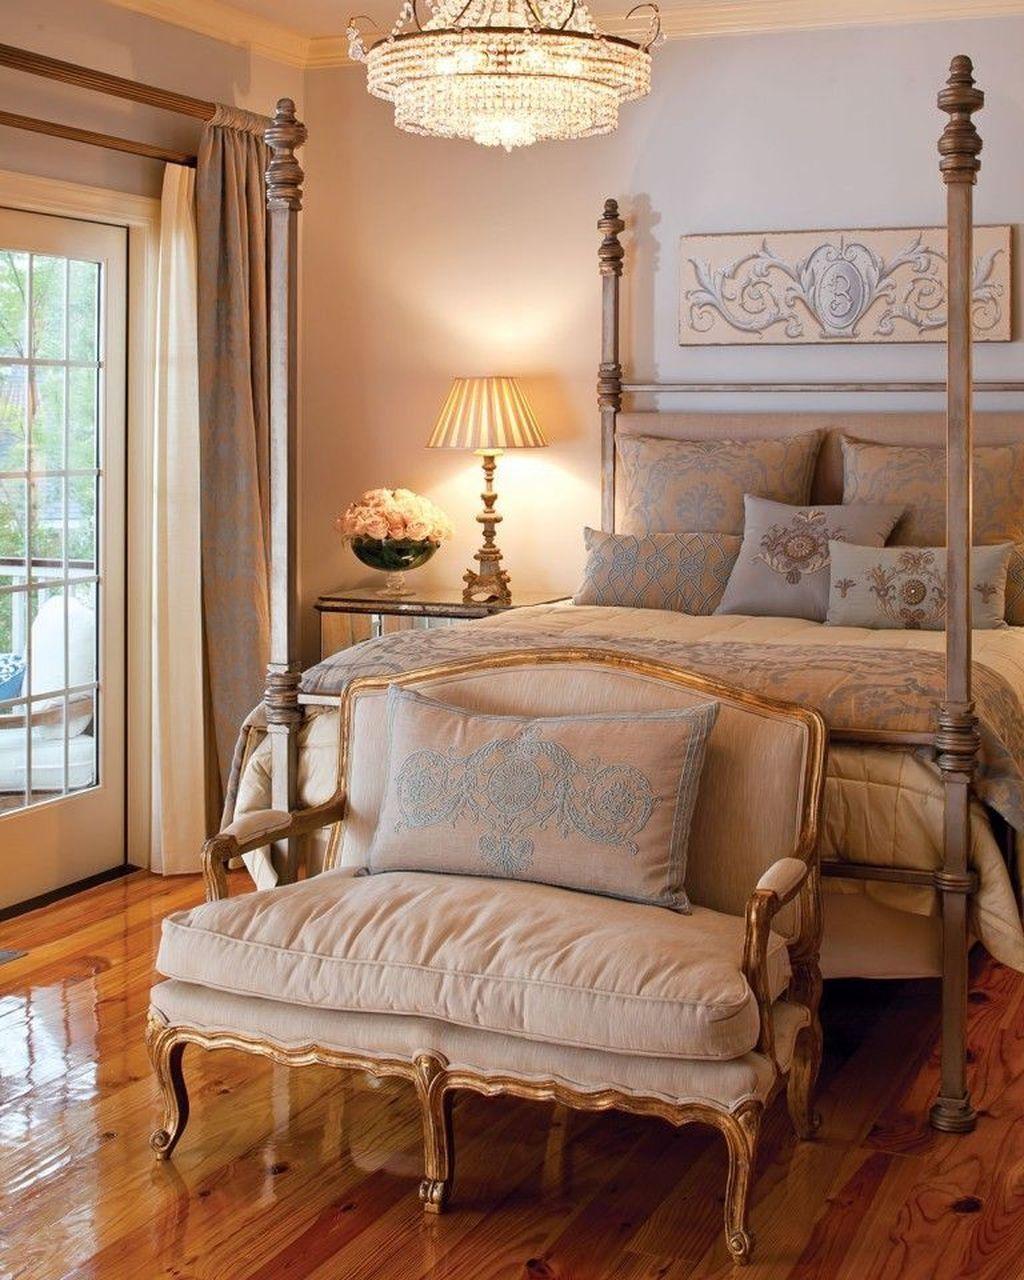 Elegant Romantic Bedrooms: 46 Amazing Luxury Champagne Bedroom Ideas With Elegant